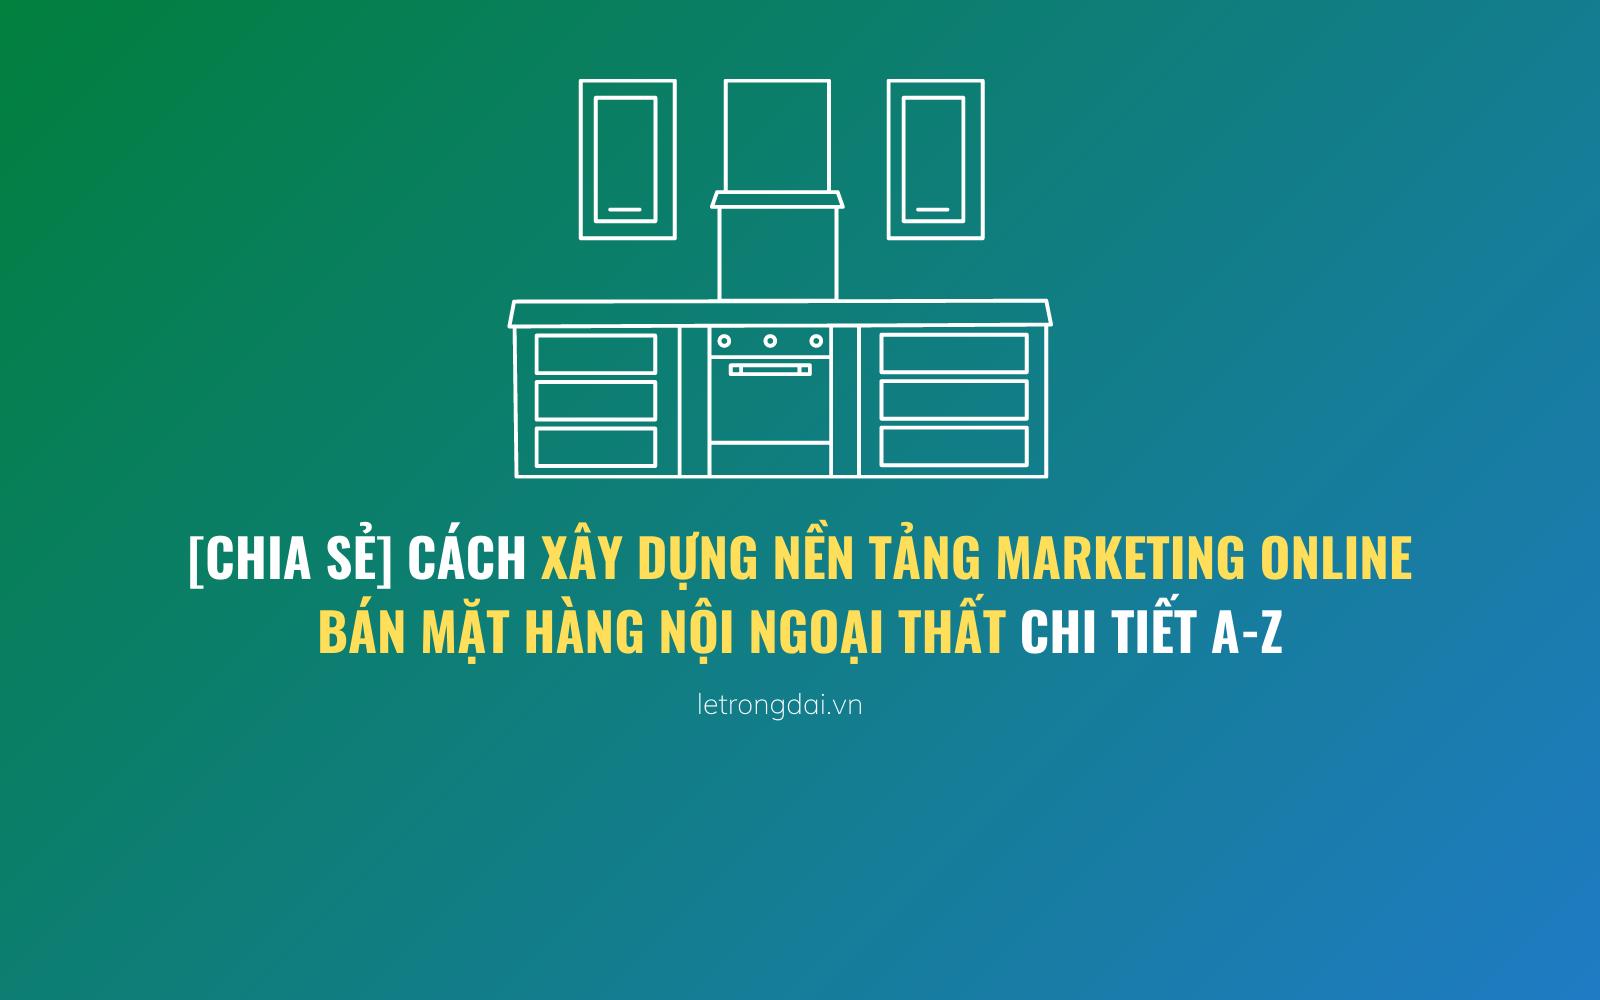 Cách Xây Dựng Nền Tảng Marketing Online Bán Mặt Hàng Nội Ngoại Thất